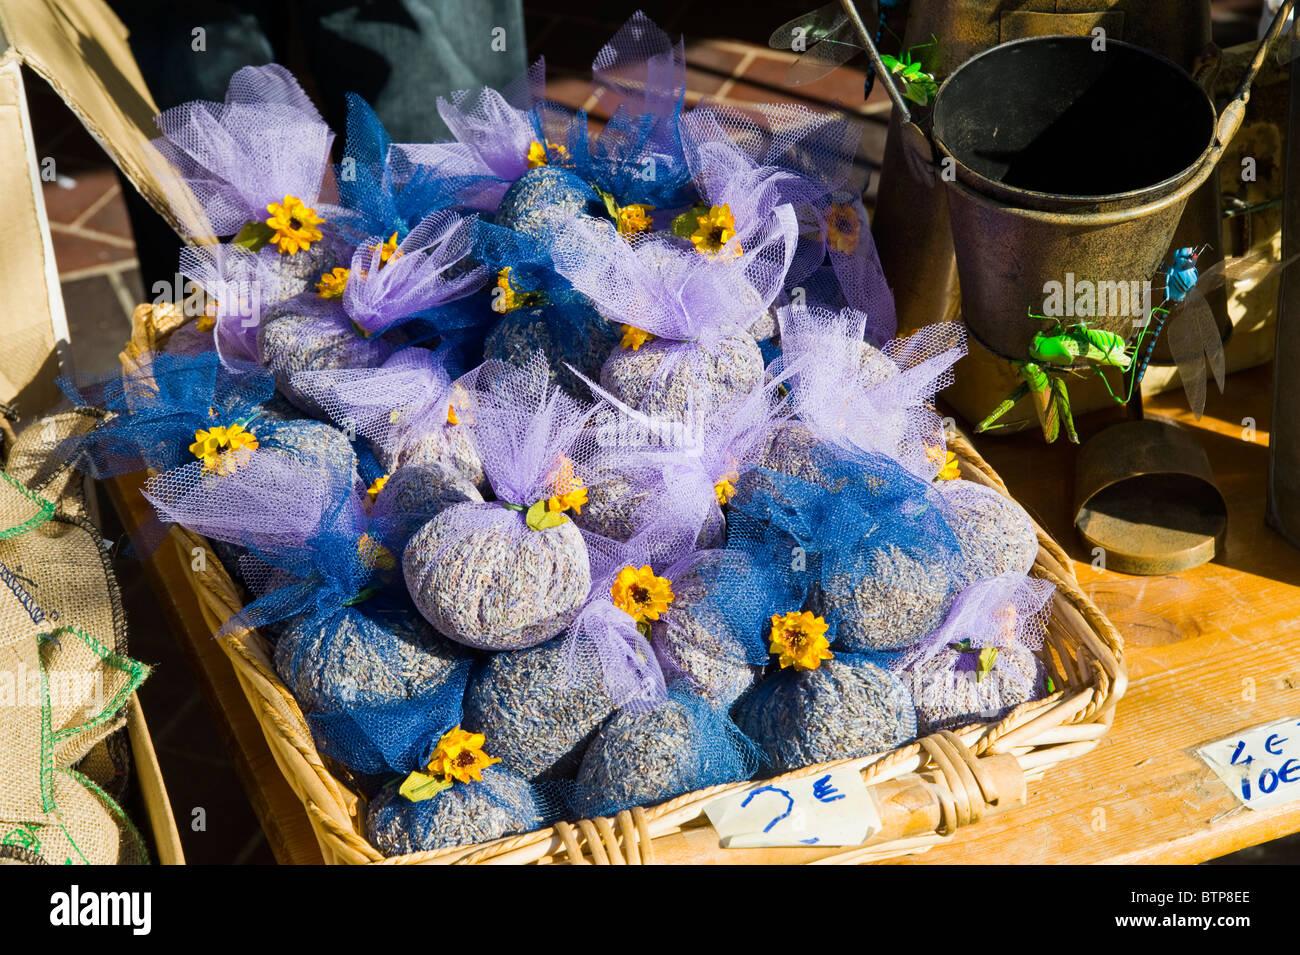 La lavande, les herbes de Provence en vente, marché dans la vieille ville, Nice, Côte d'Azur, France Photo Stock